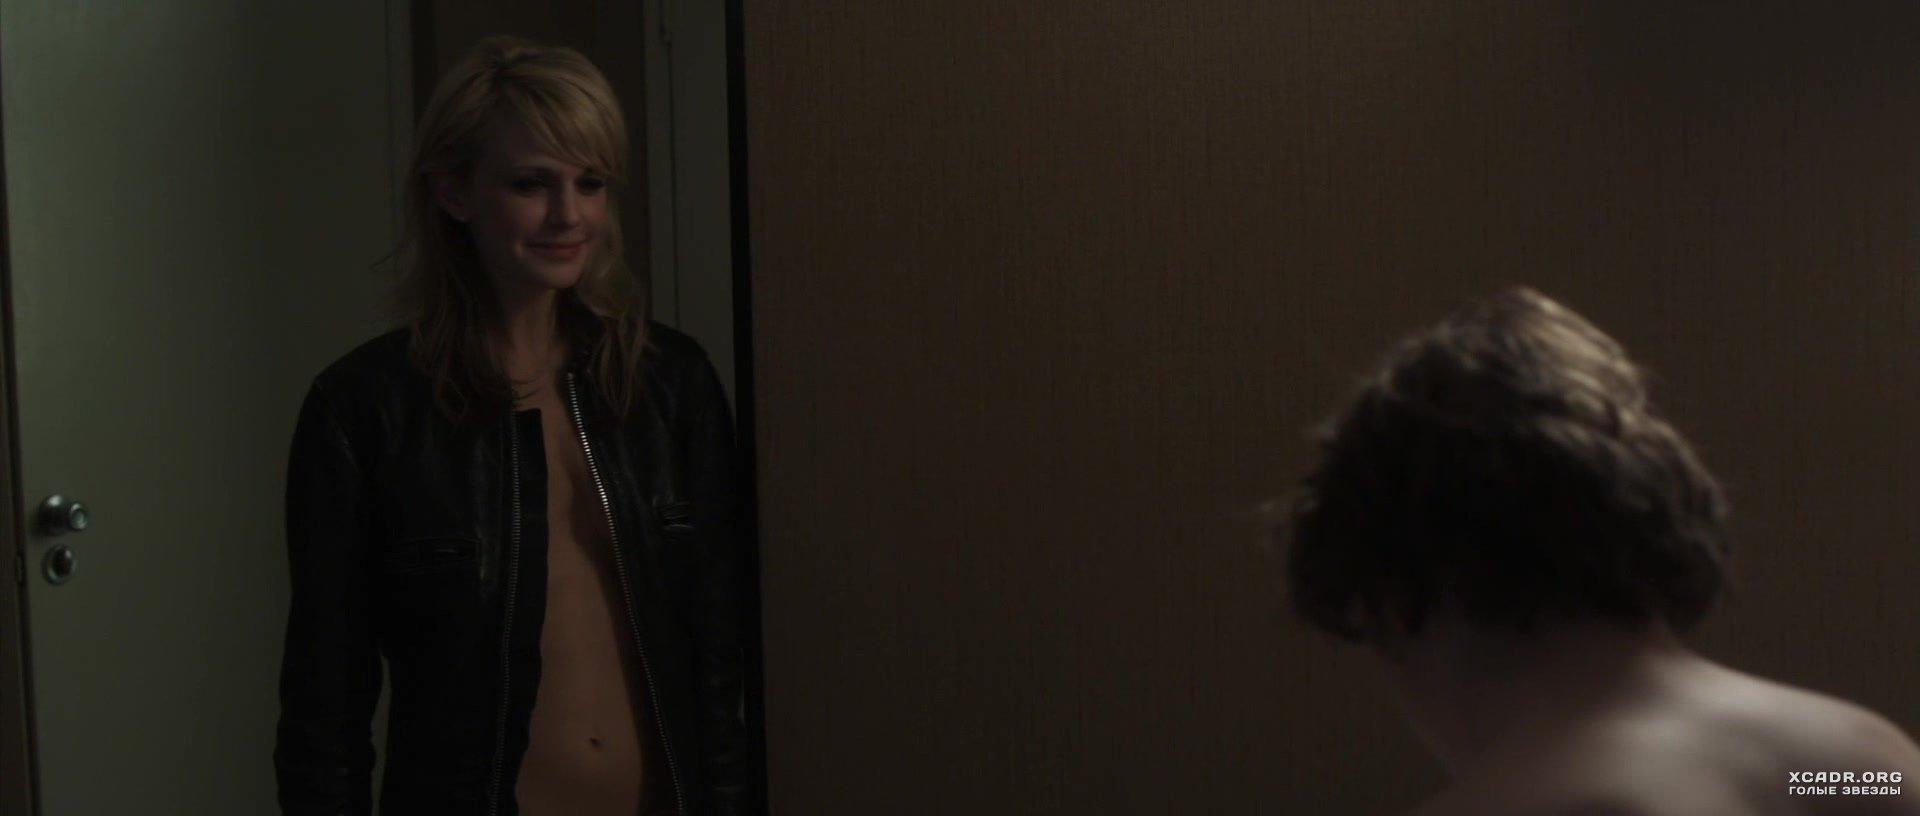 Dian parkinson nude